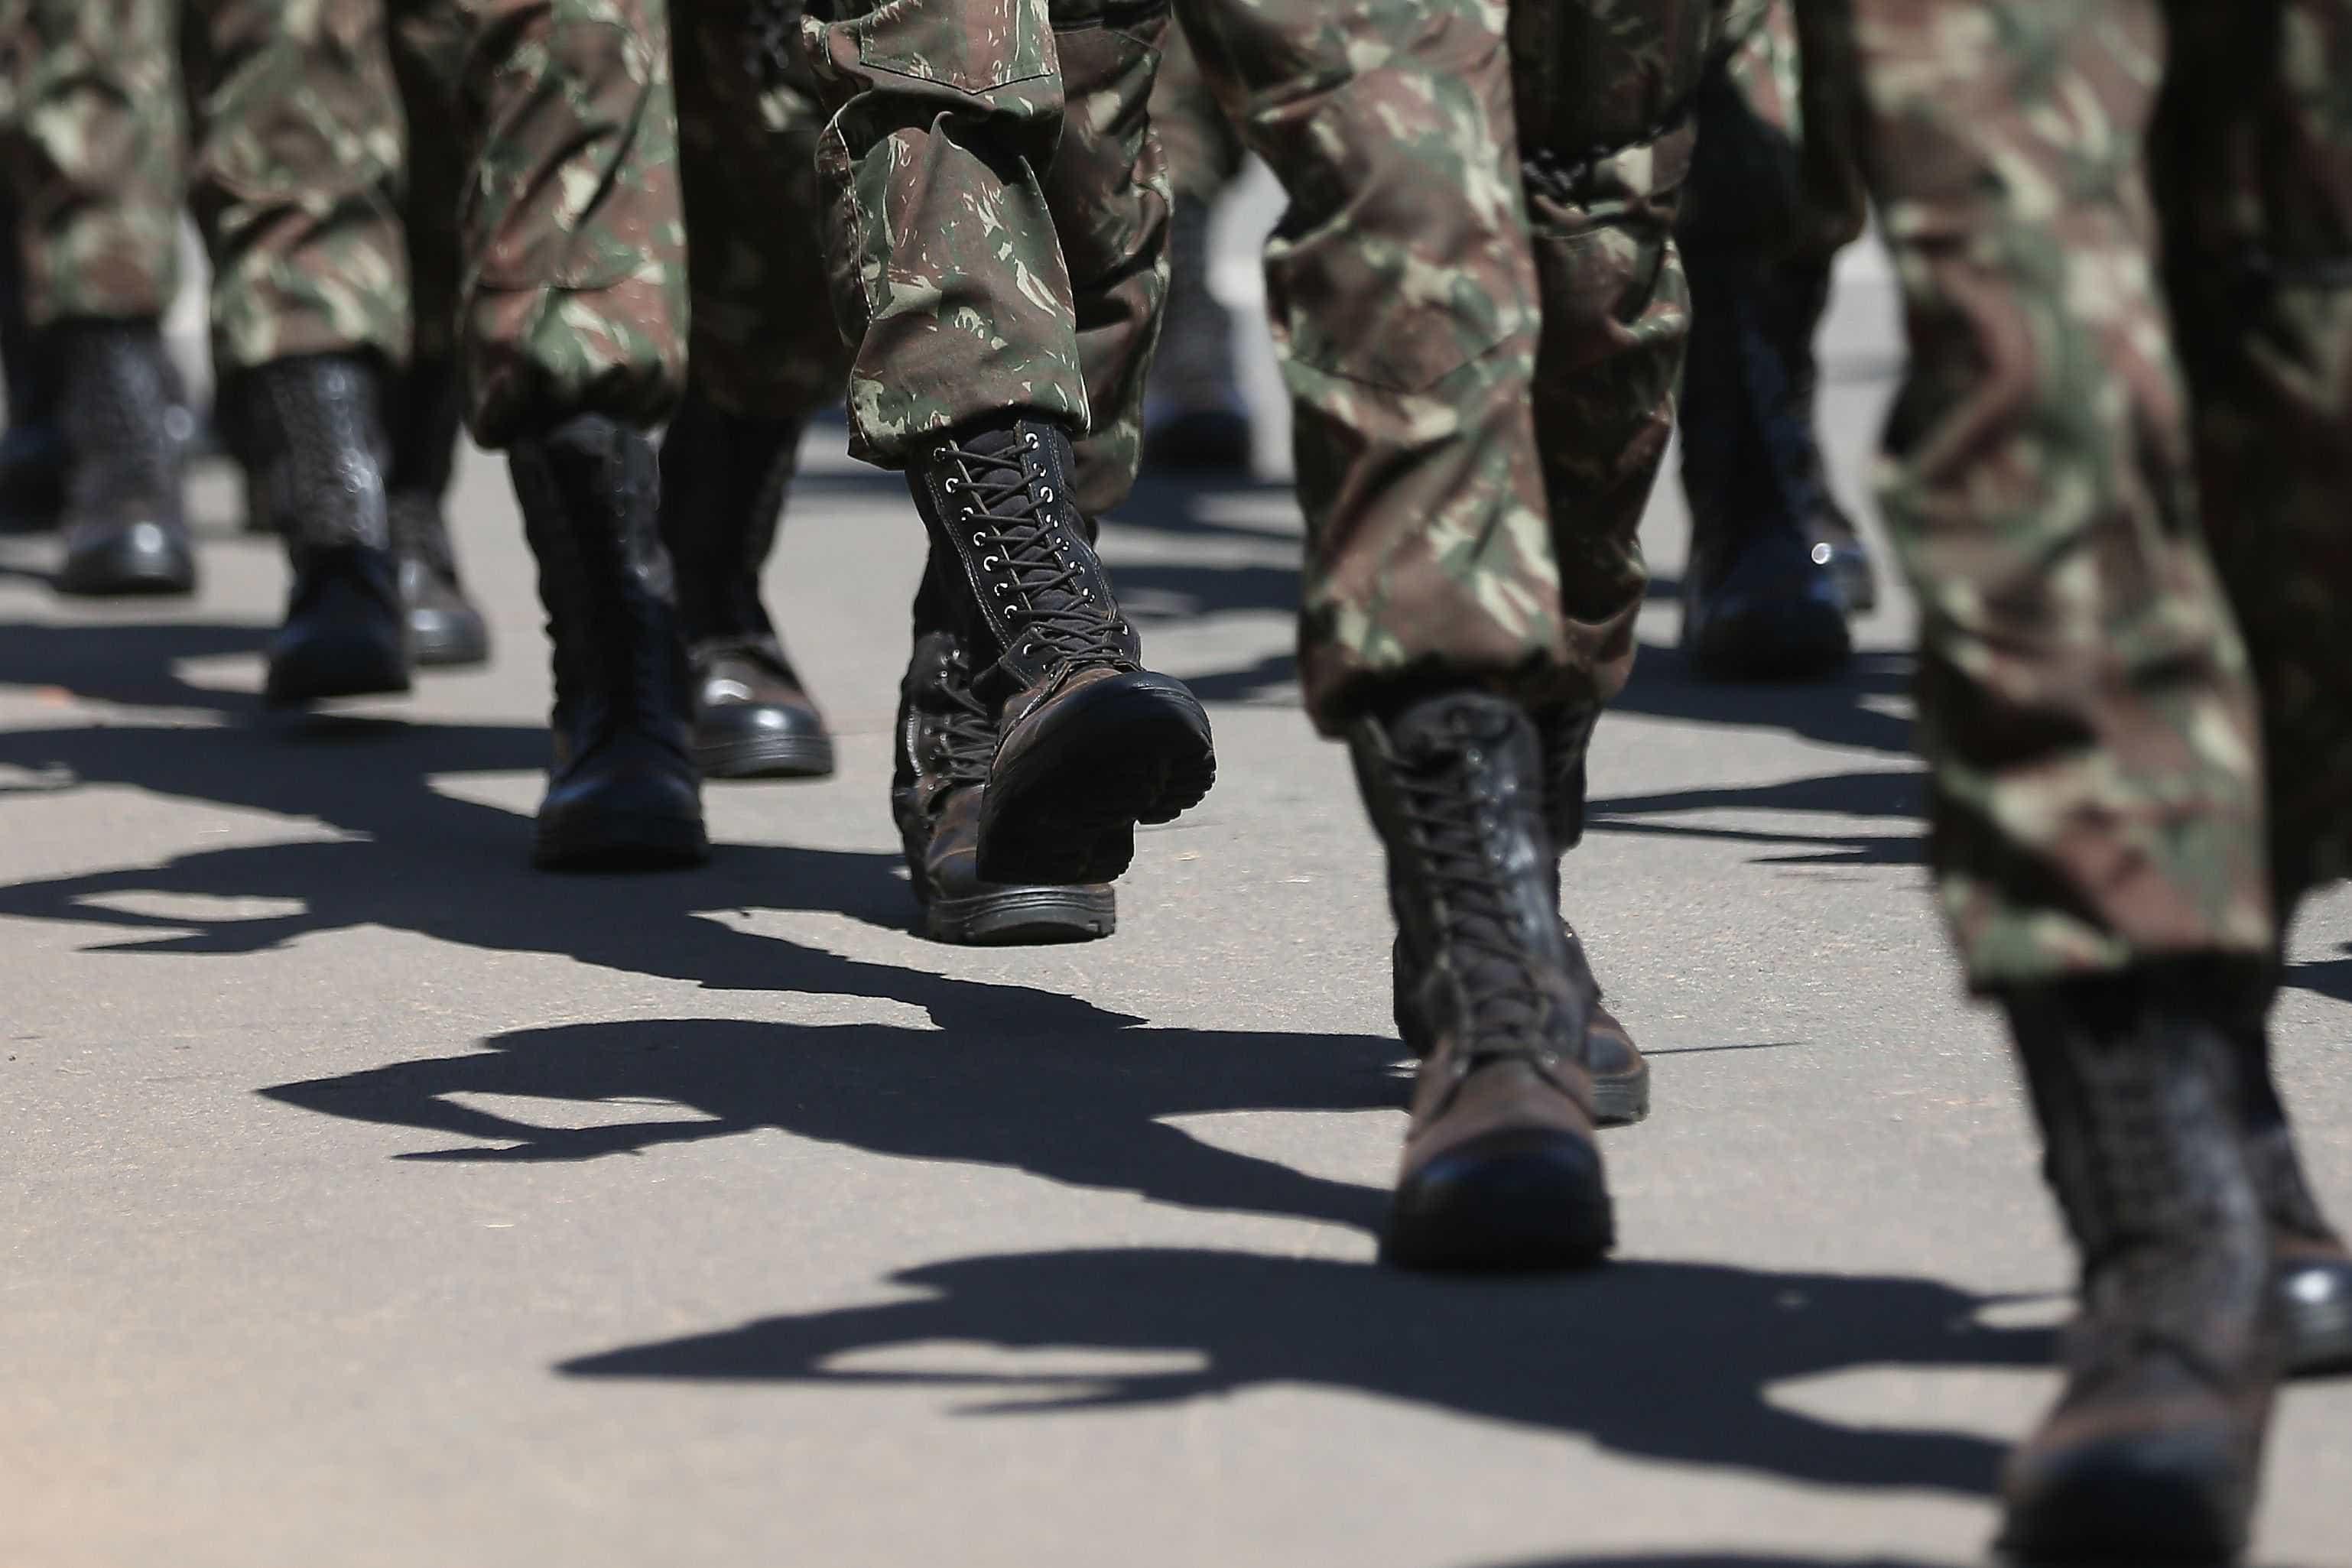 Doze membros da tropa de intervenção ficam feridos em acidente no Rio